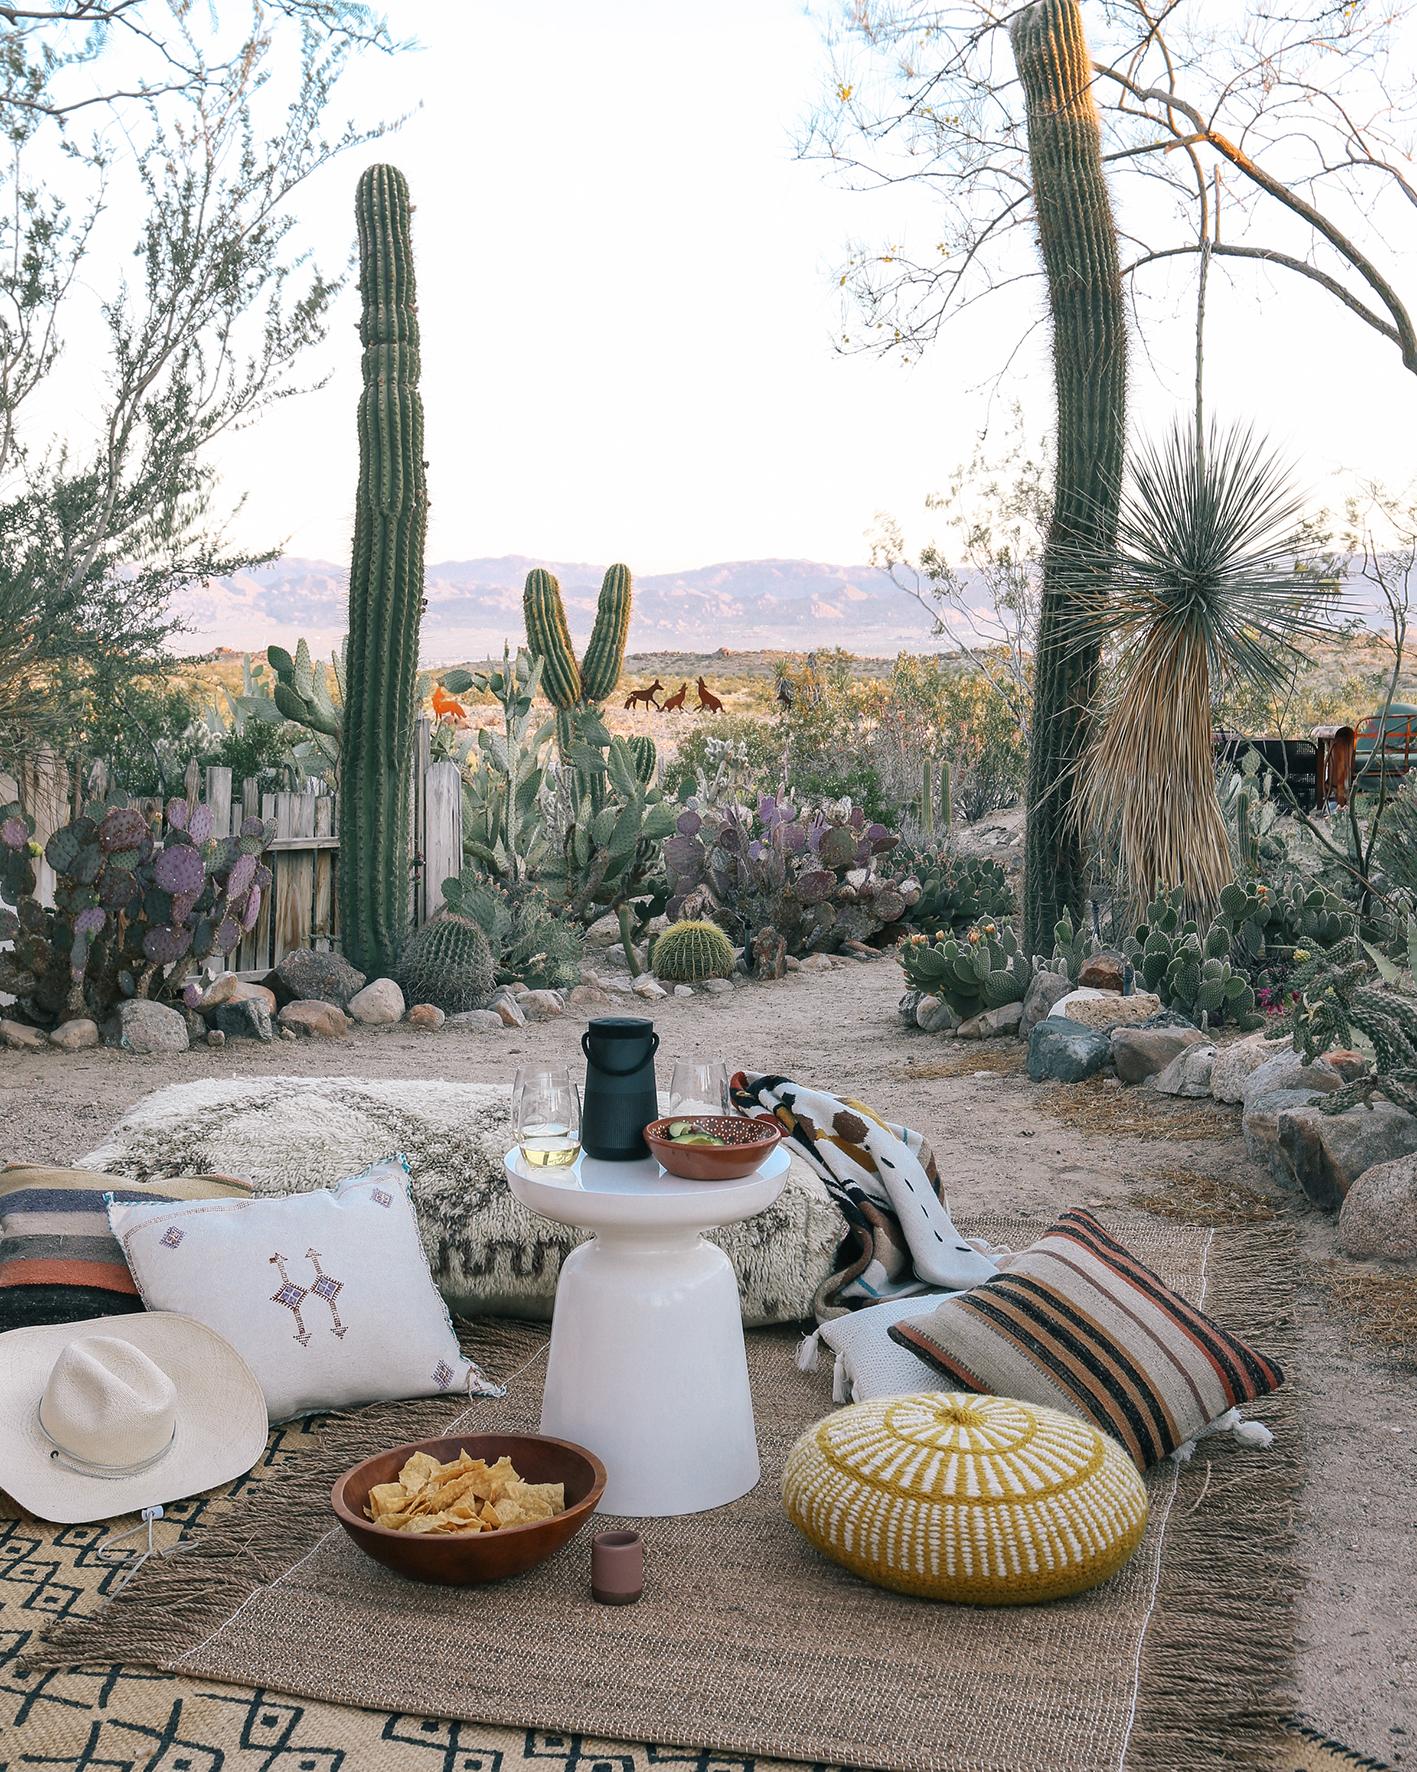 hacienda-outside_Joshua_TreeHouse.jpg